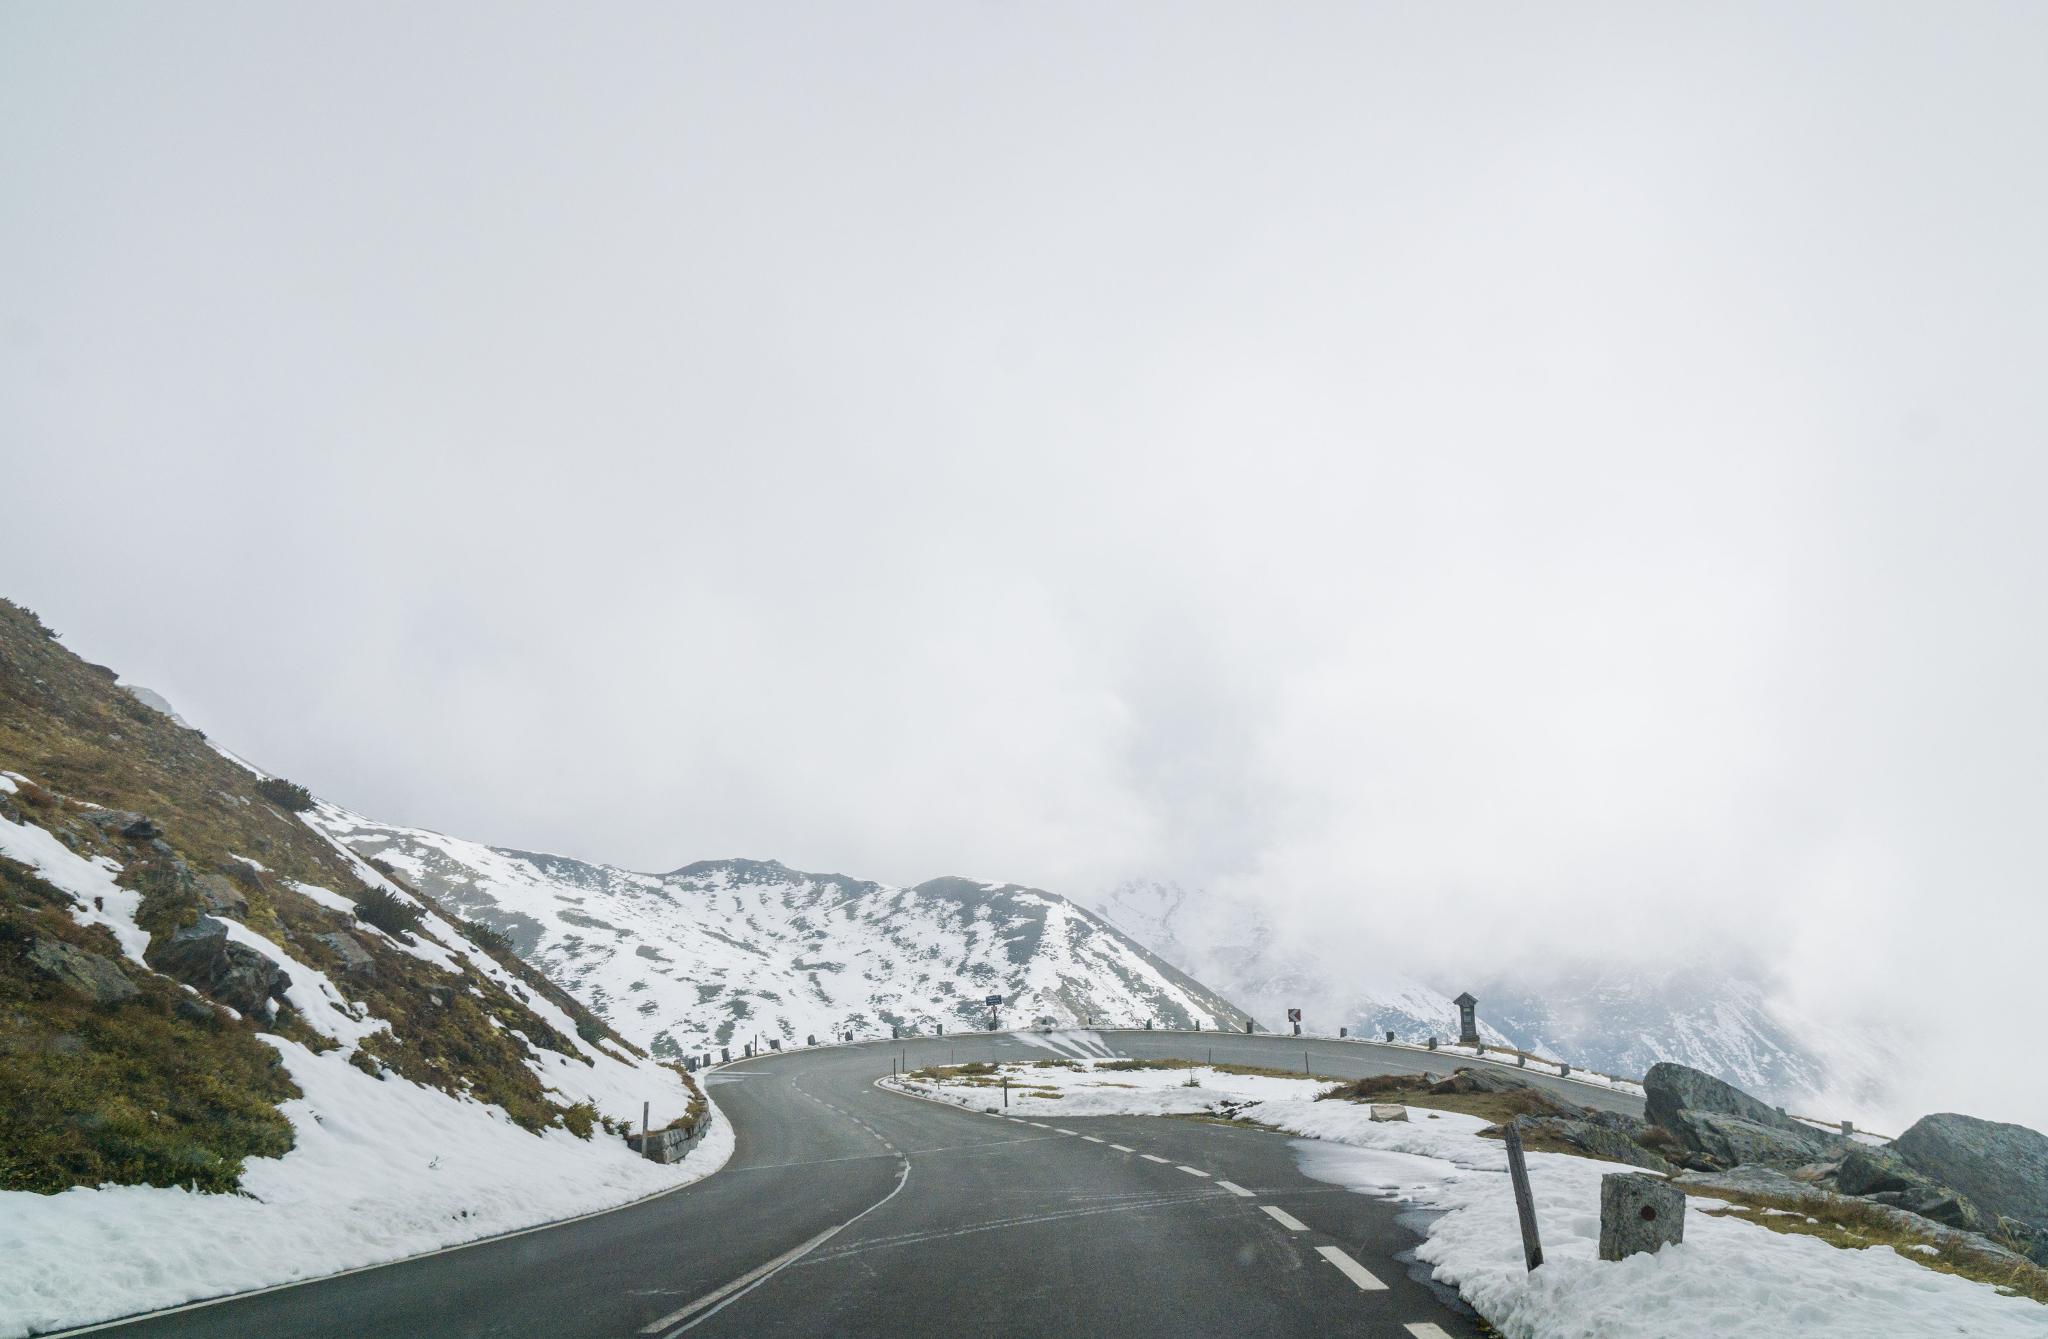 【奧地利】穿越阿爾卑斯之巔 — 奧地利大鐘山冰河公路 (Grossglockner High Alpine Road) 61